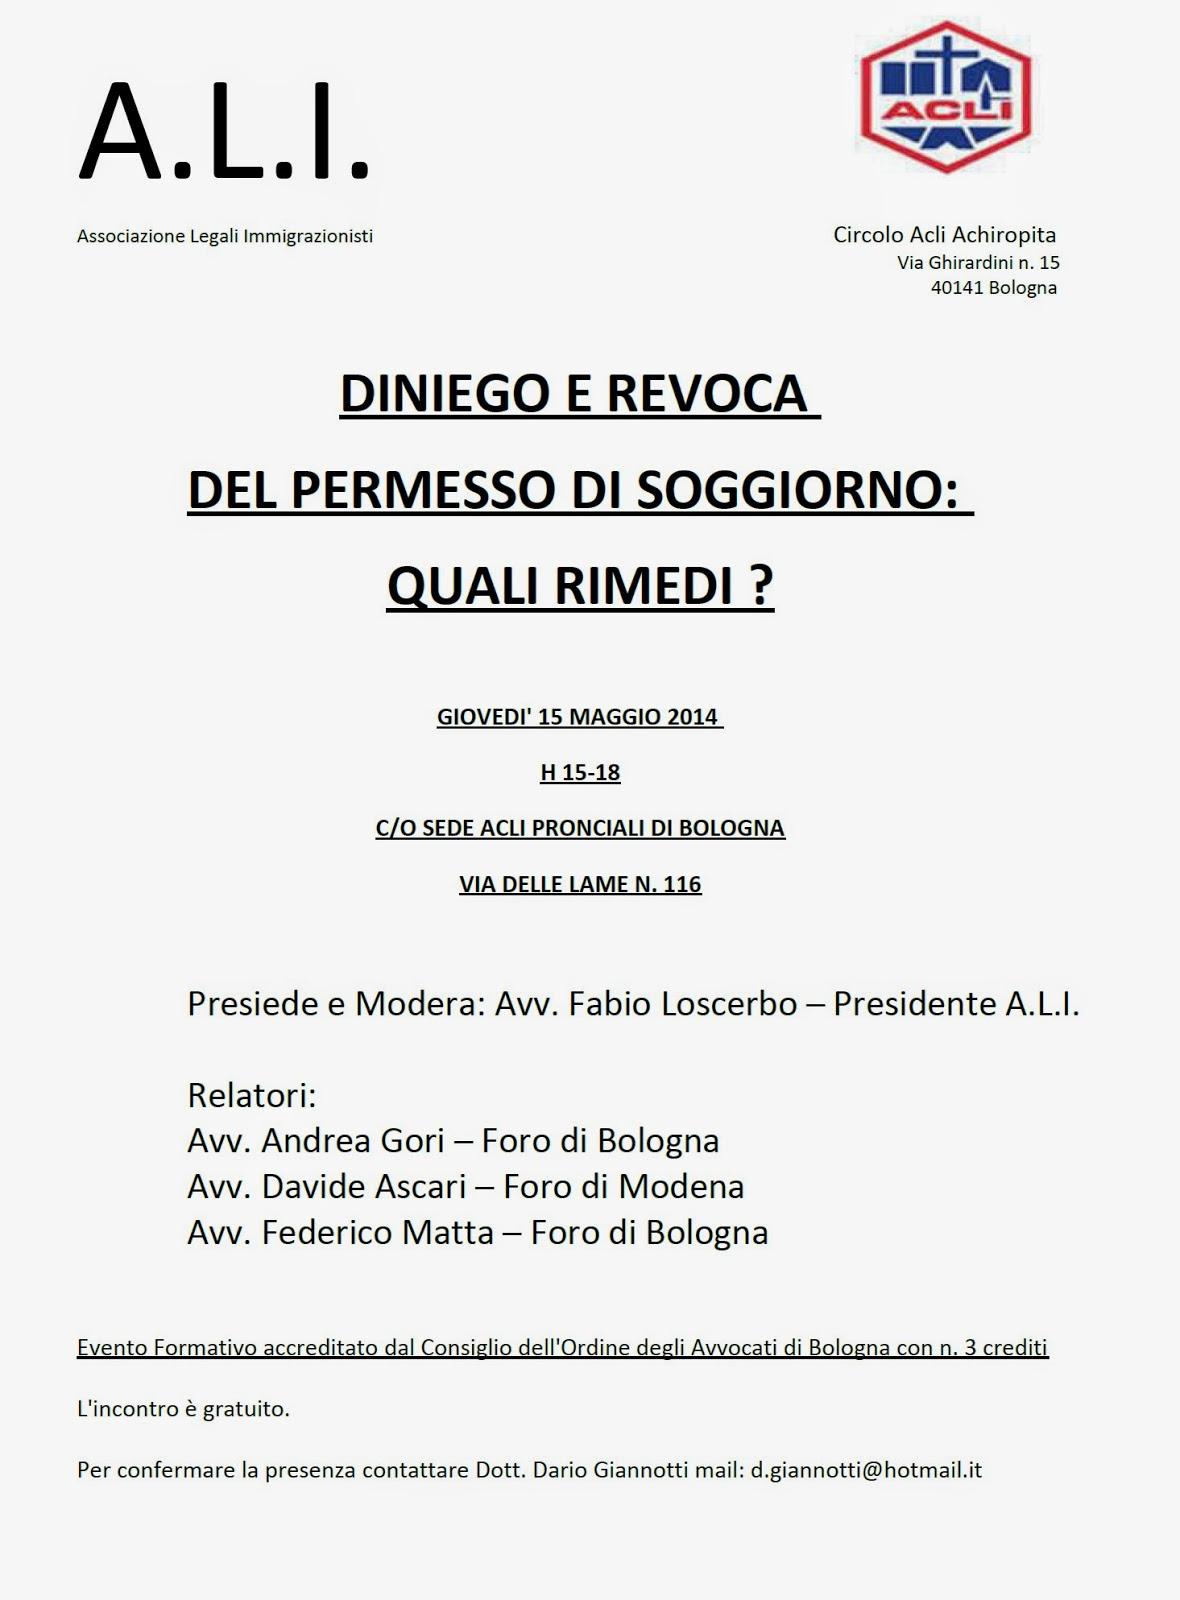 STUDIO LEGALE LOSCERBO